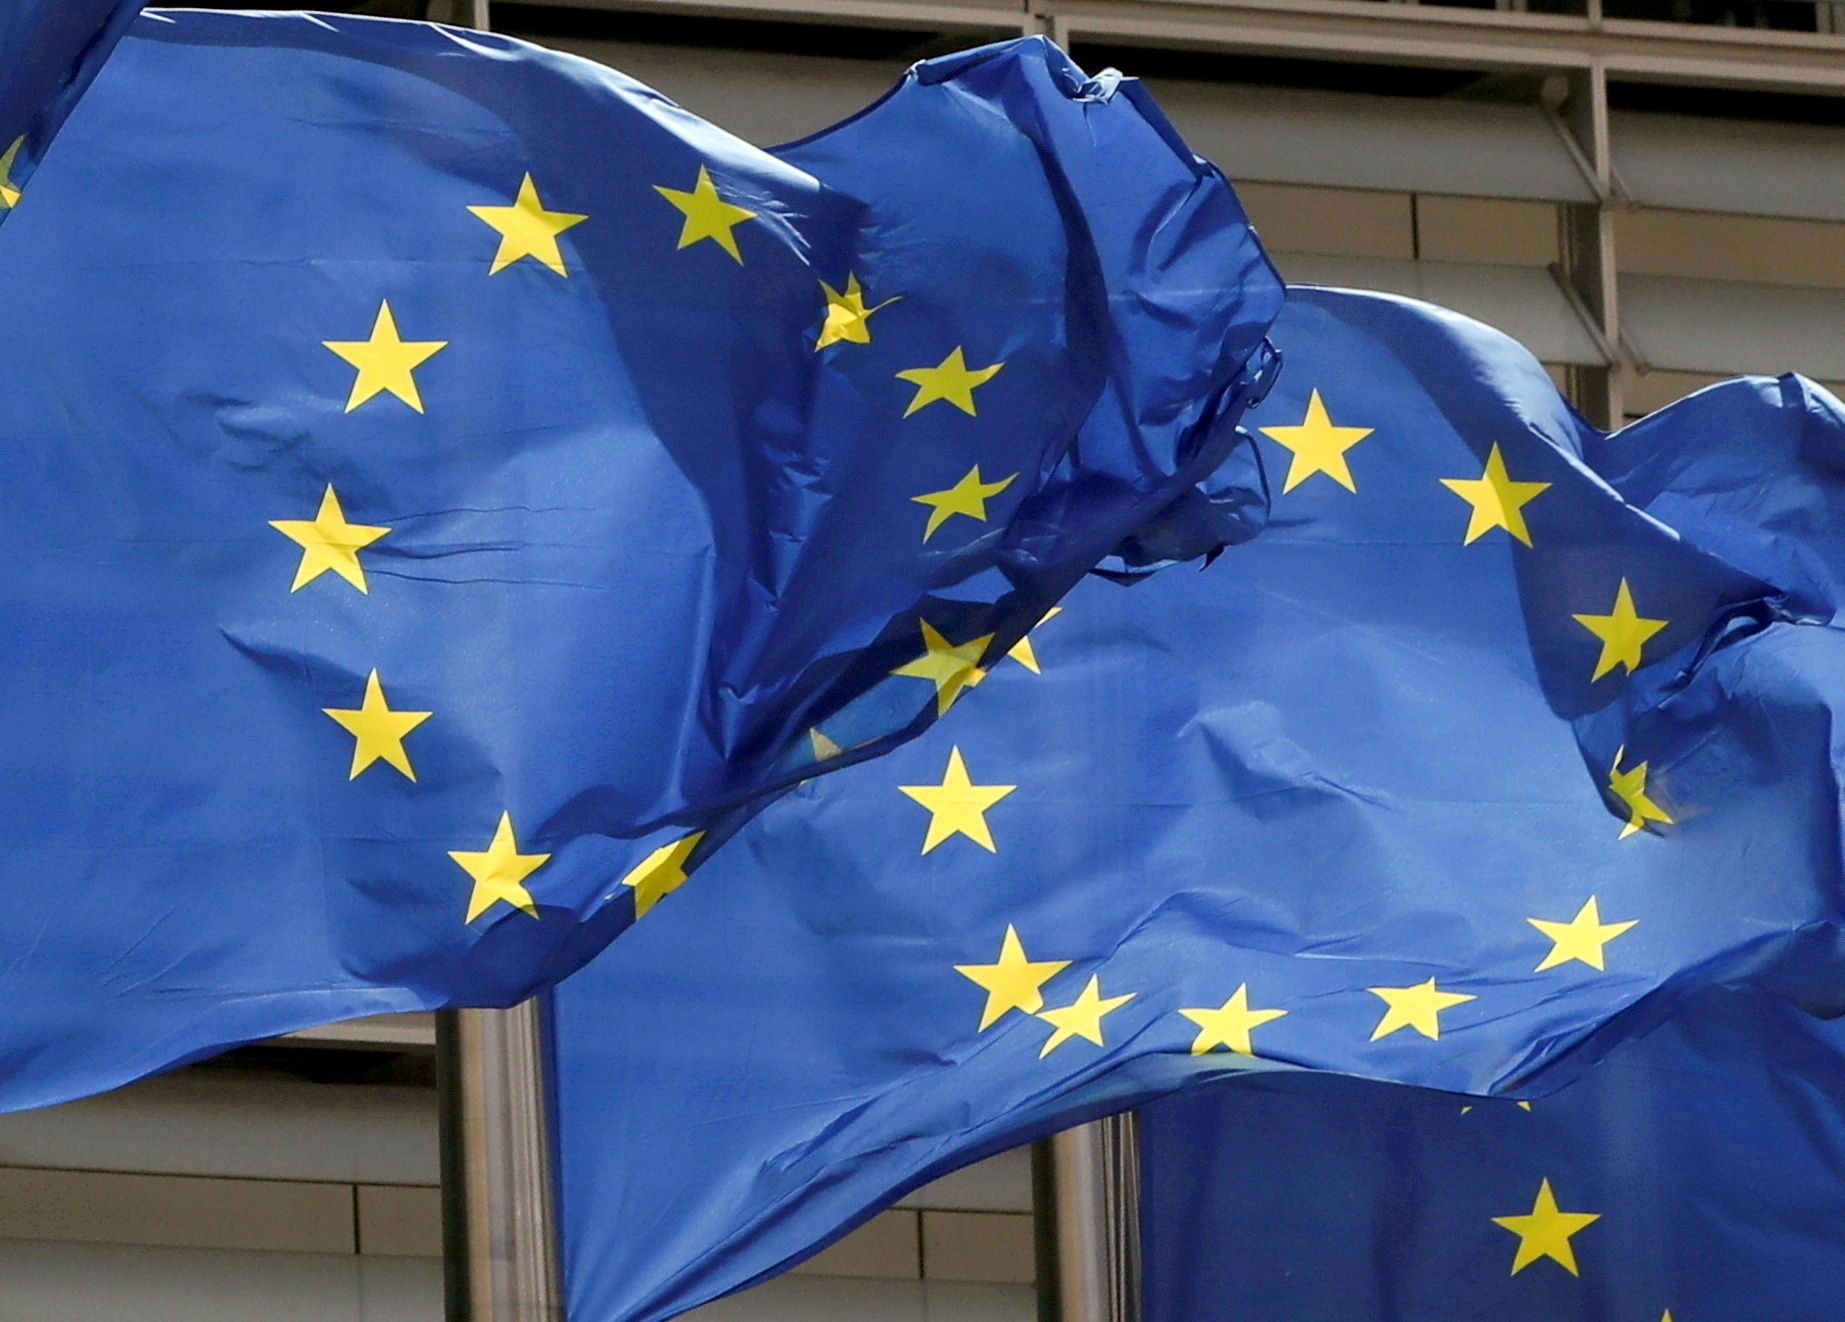 Las banderas de la Unión Europea ondean fuera de la sede de la Comisión de la UE en Bruselas, Bélgica, 5 de mayo de 2021. REUTERS / Yves Herman / Foto de archivo